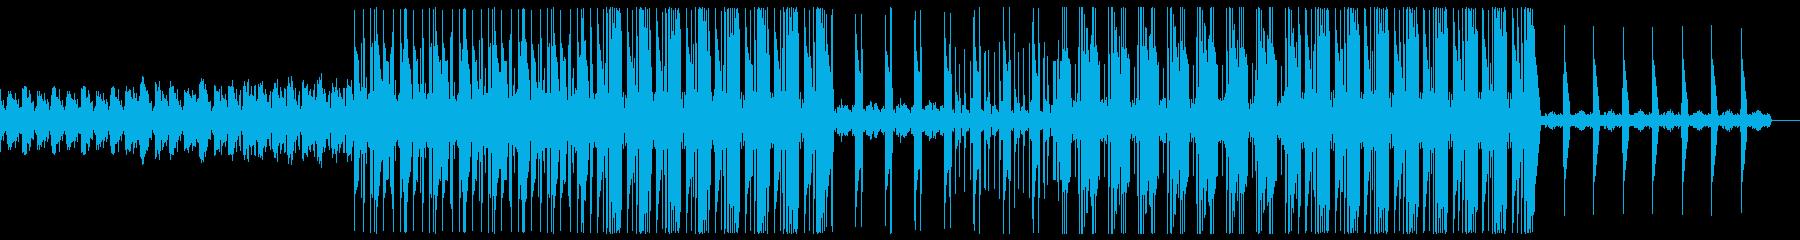 ダーク 不気味 トラップ ビートの再生済みの波形